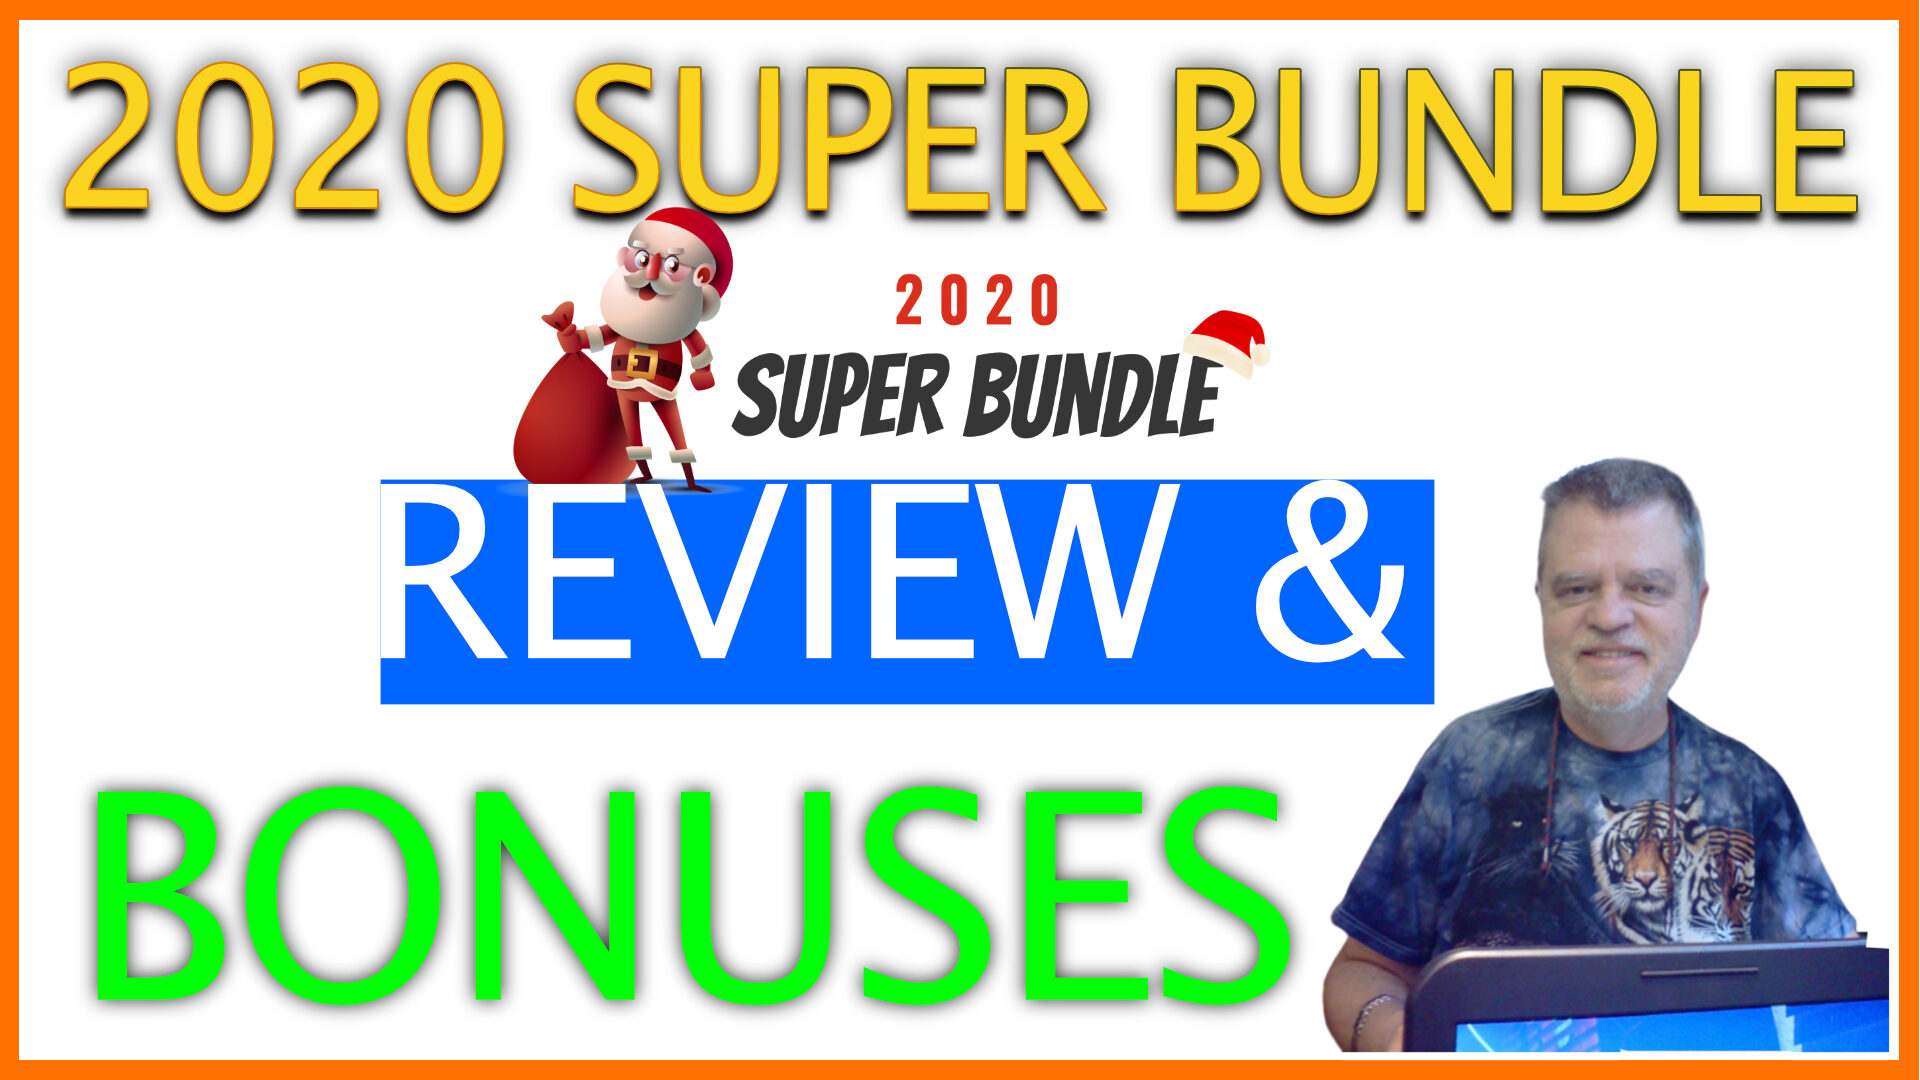 2020 Super Bundle Review